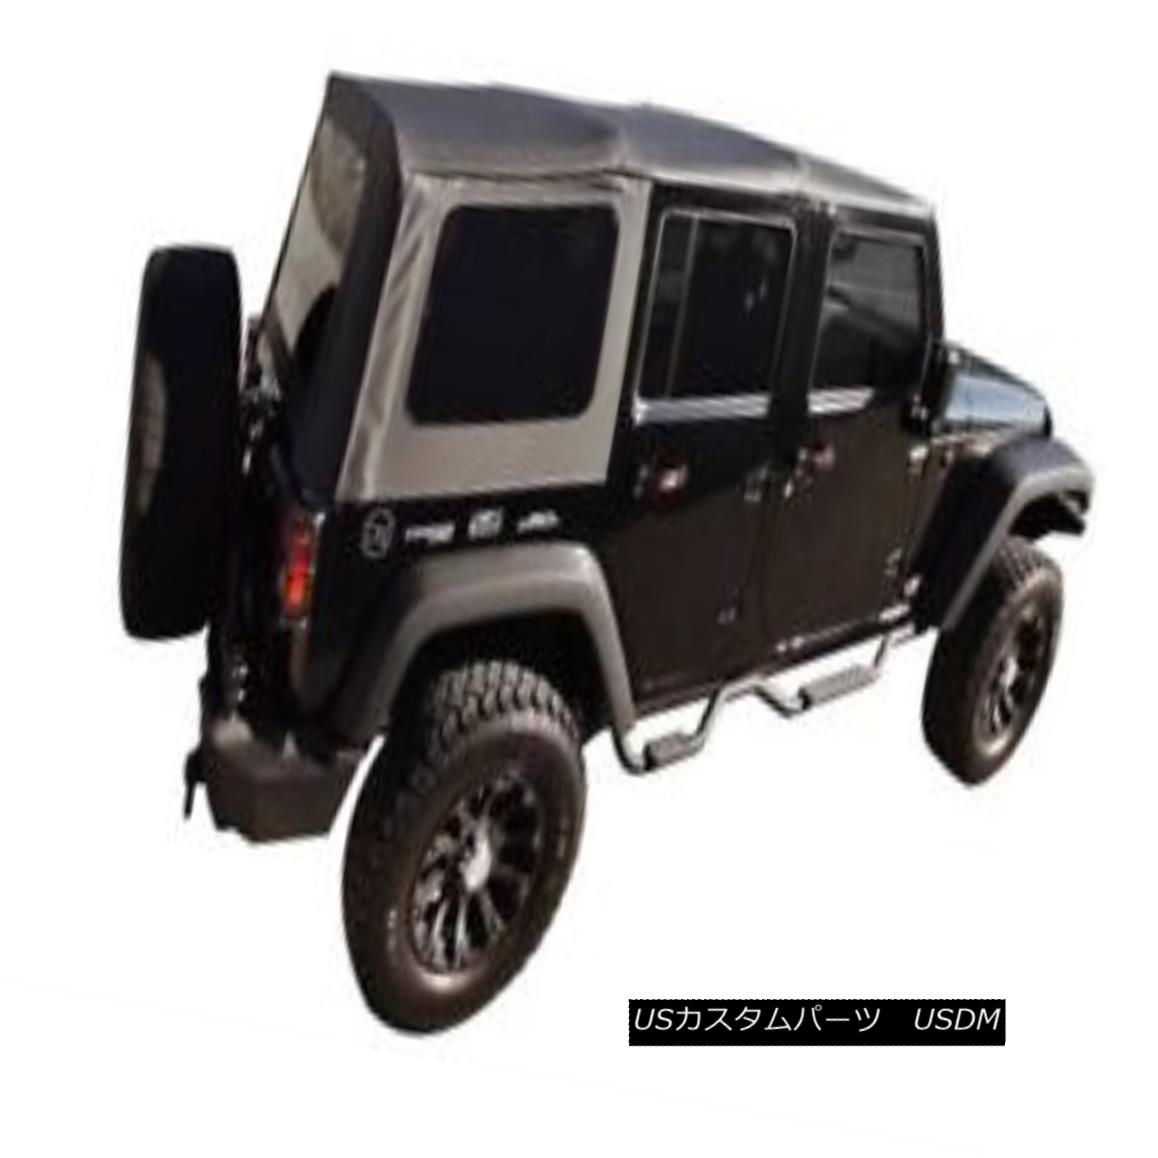 幌・ソフトトップ Rampage - Black Diamond OE Soft Top-99935 ランペイジ - ブラックダイヤモンドOEソフトトップ - 99935